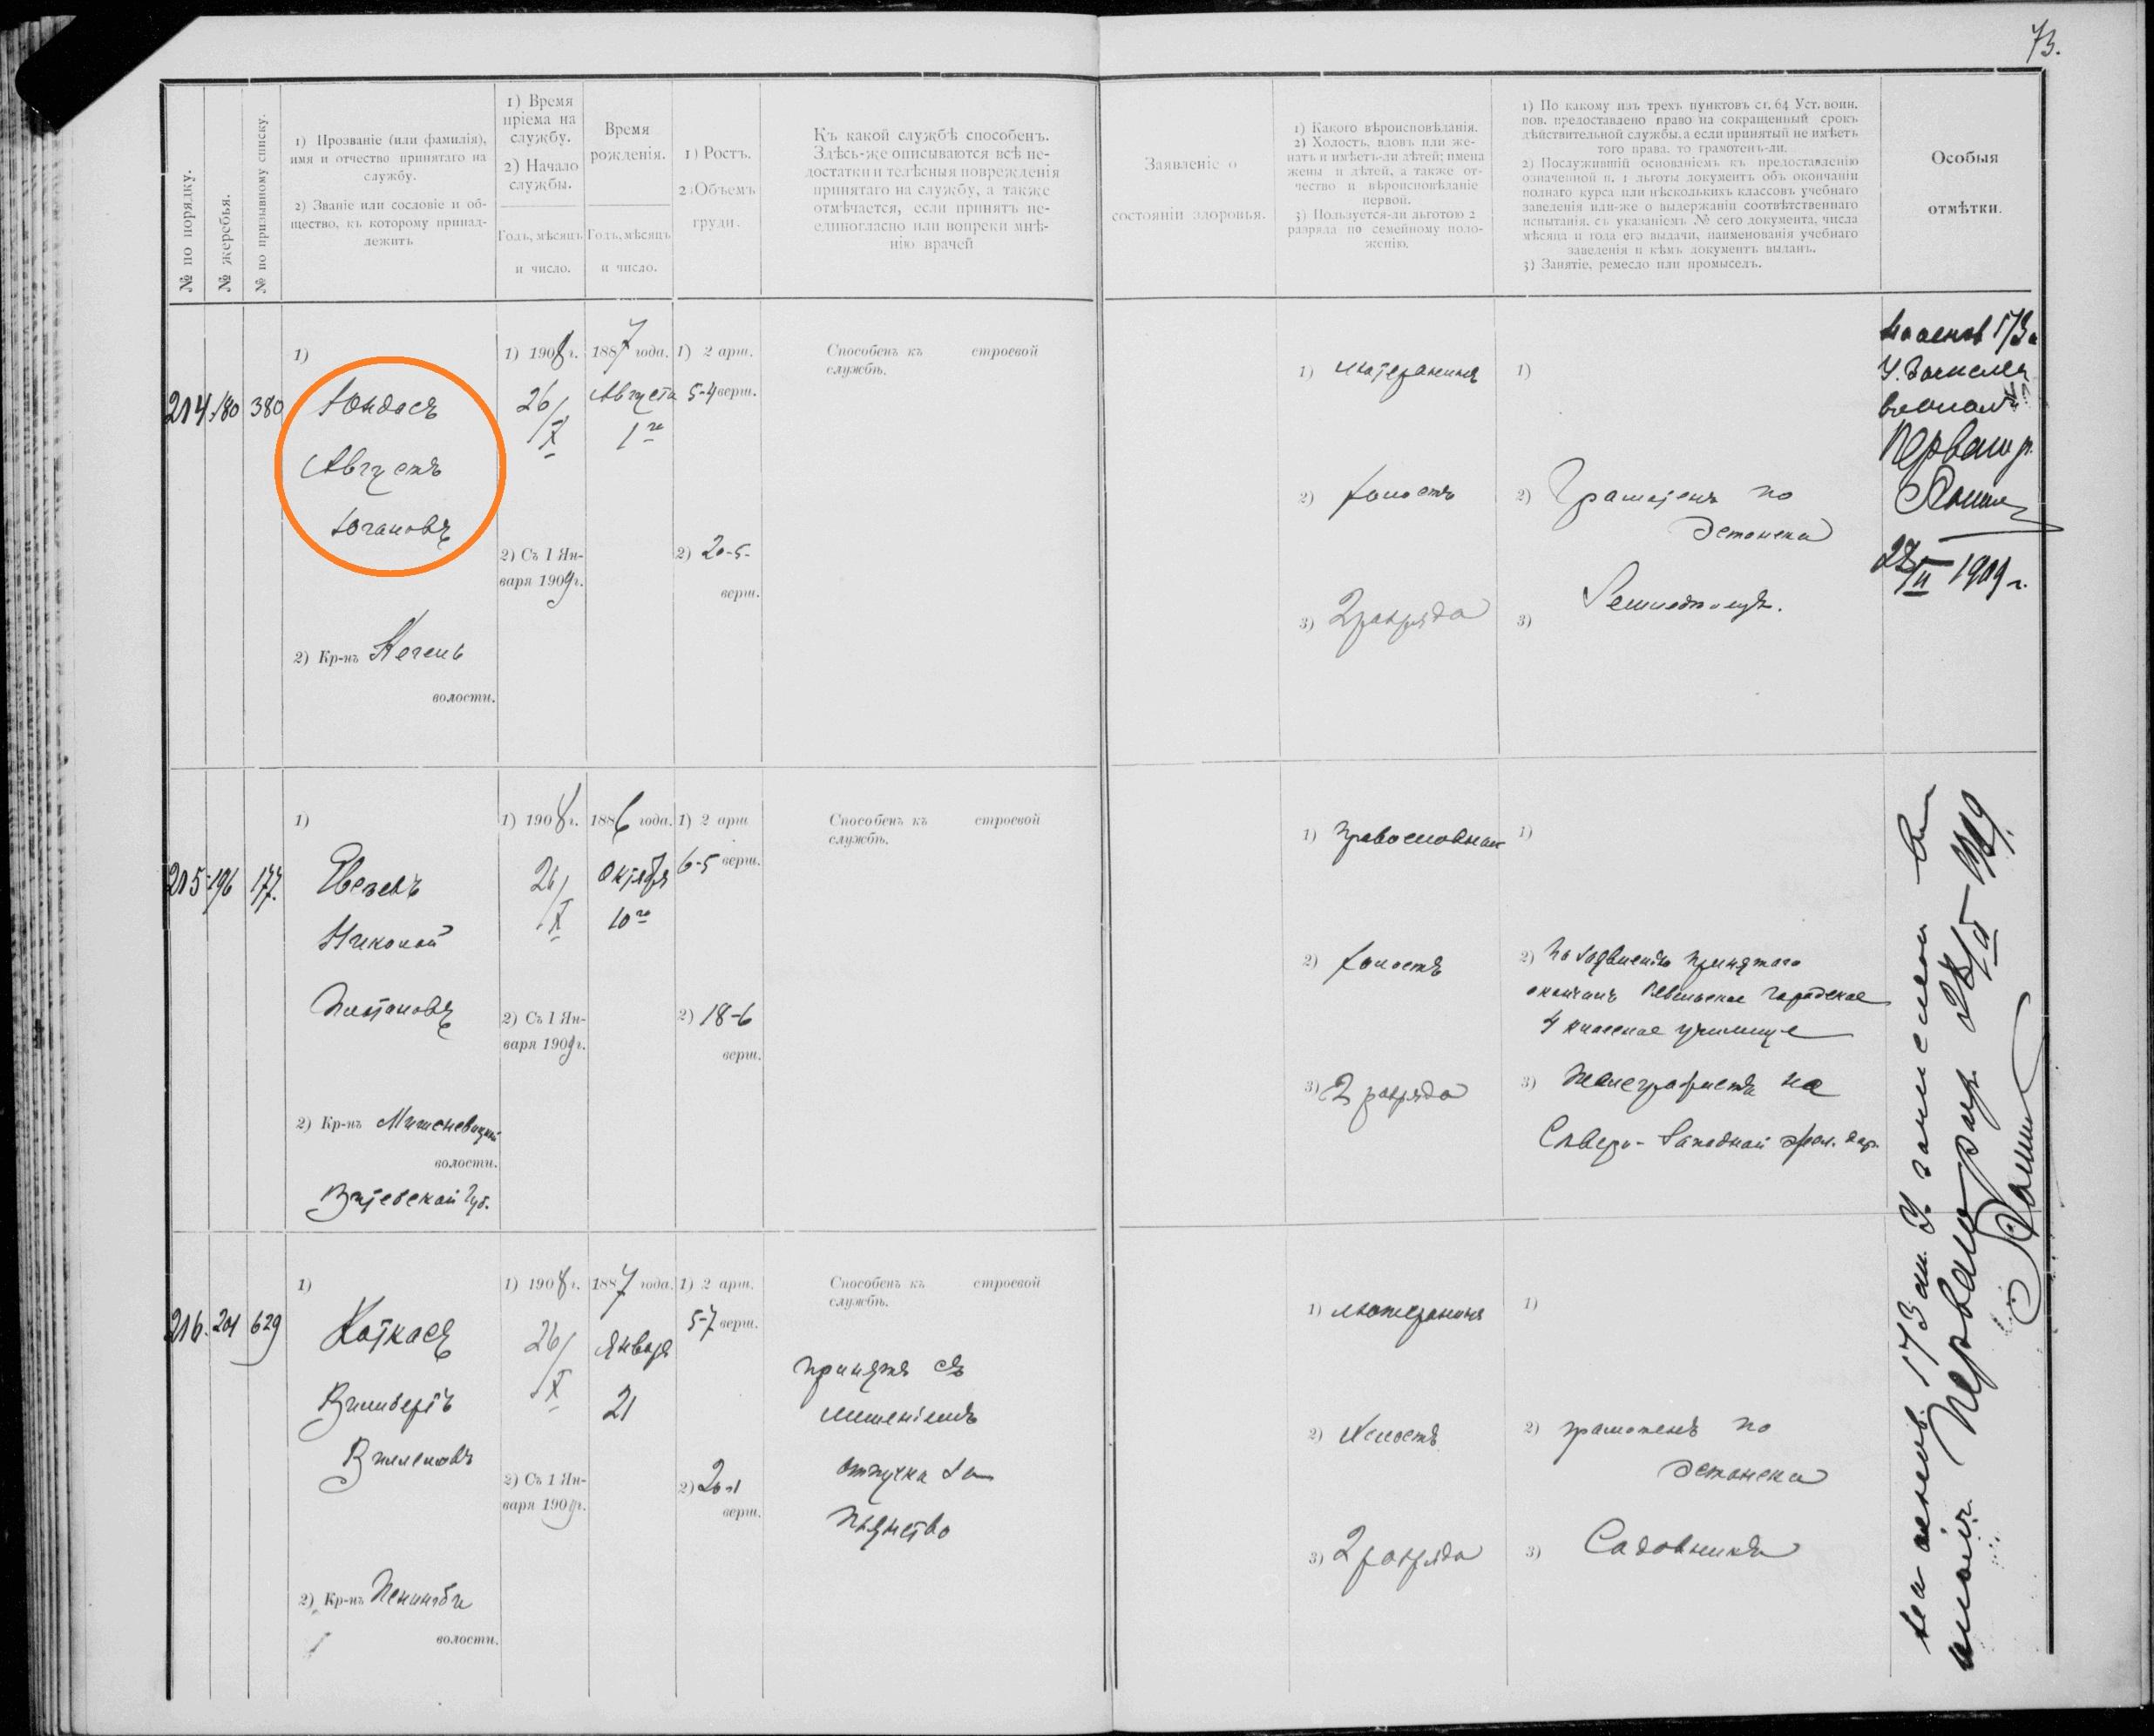 August Jundas väkkevõetute nimekirjas (1908). RA, EAA.47.1.228, lehed 72p-73. EAA0047_001_0000228_00075_m